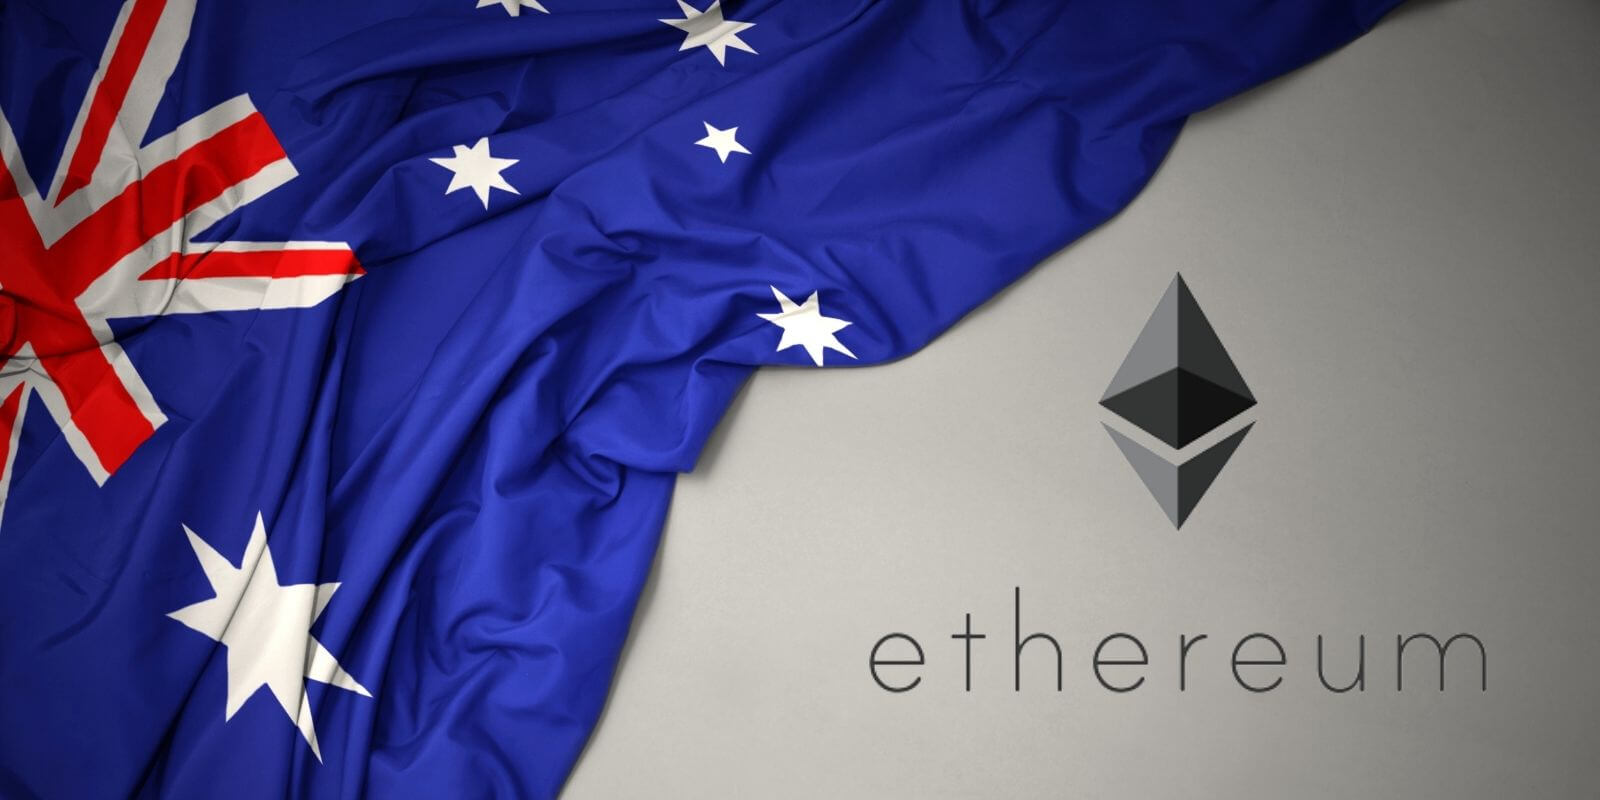 L'Australie choisit Ethereum pour sa monnaie numérique de banque centrale